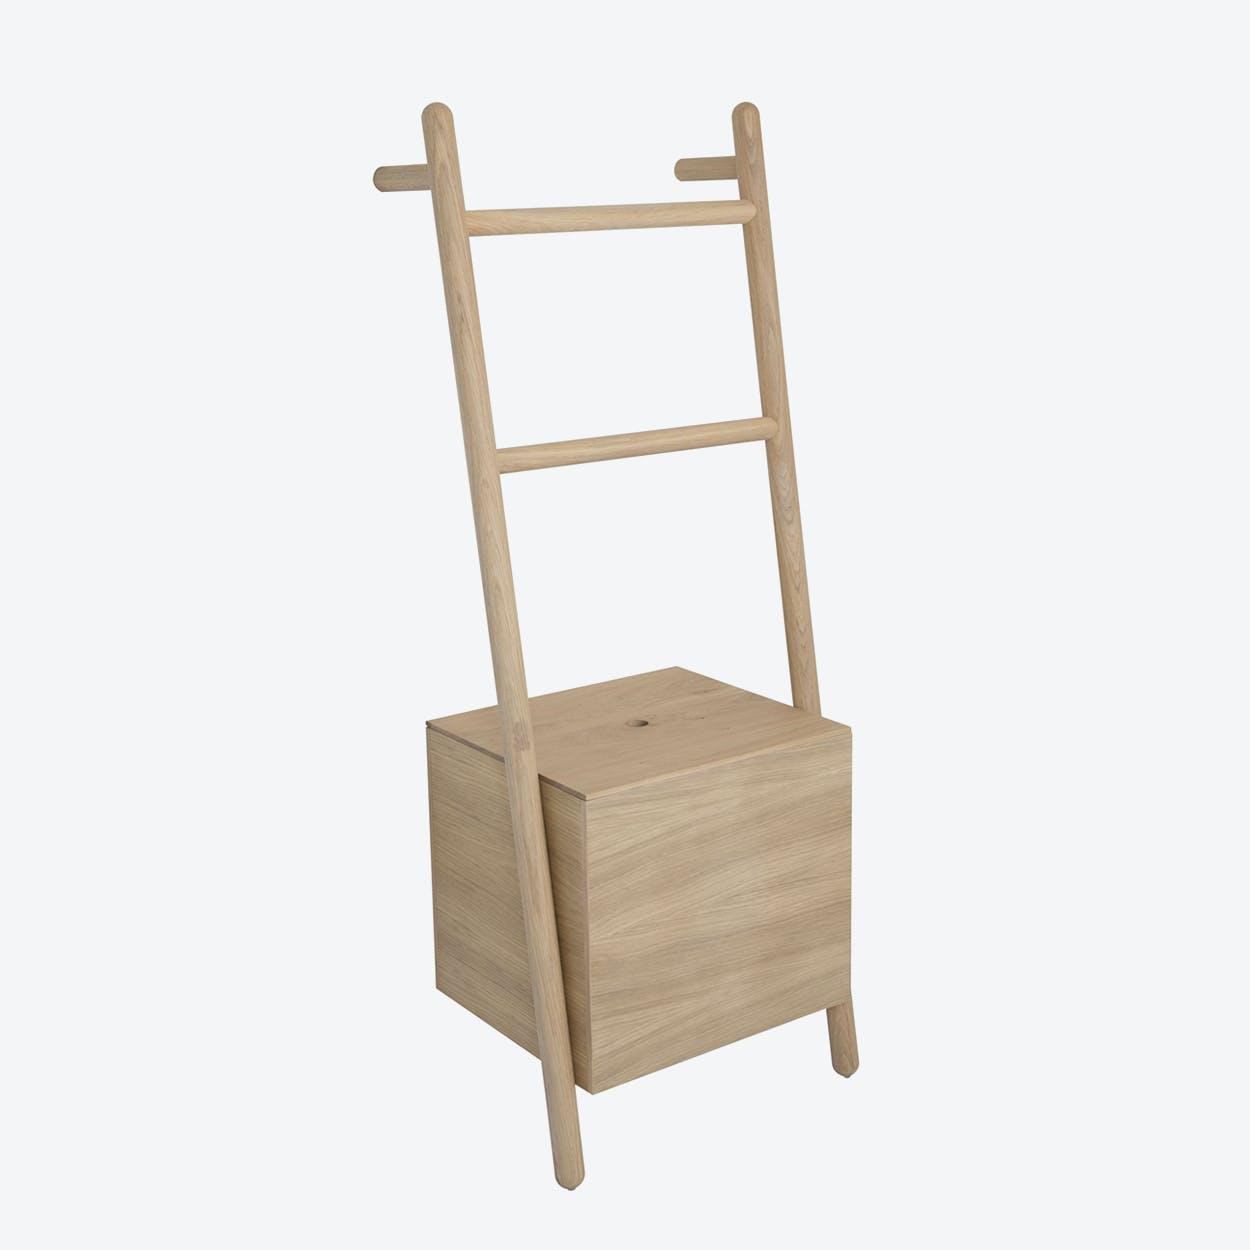 Lokks Ladder-Shelf in Natural Oak Wood